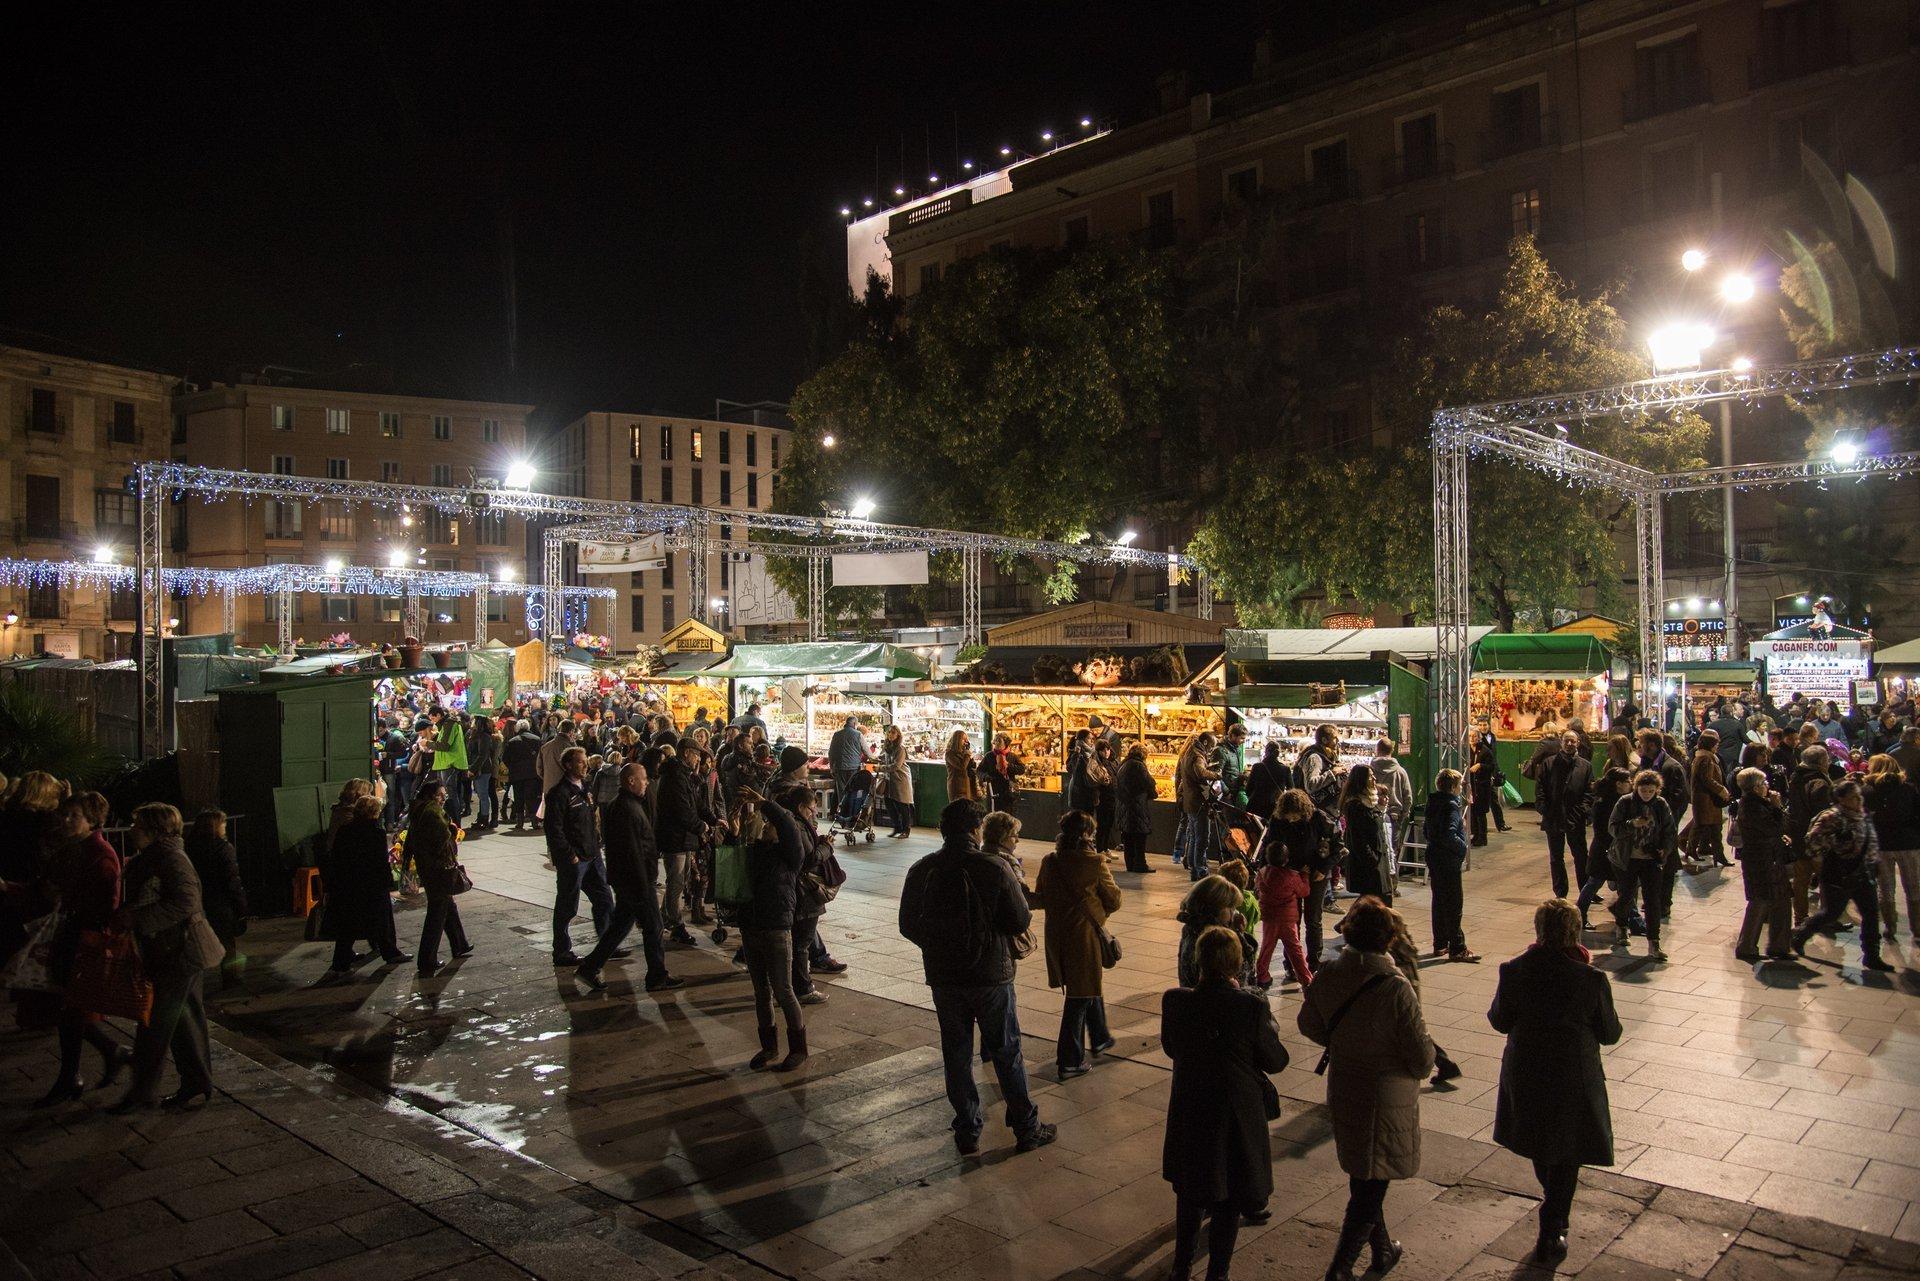 Fira de Santa Llúcia at Avinguda de la Catedral, Barcelona 2020